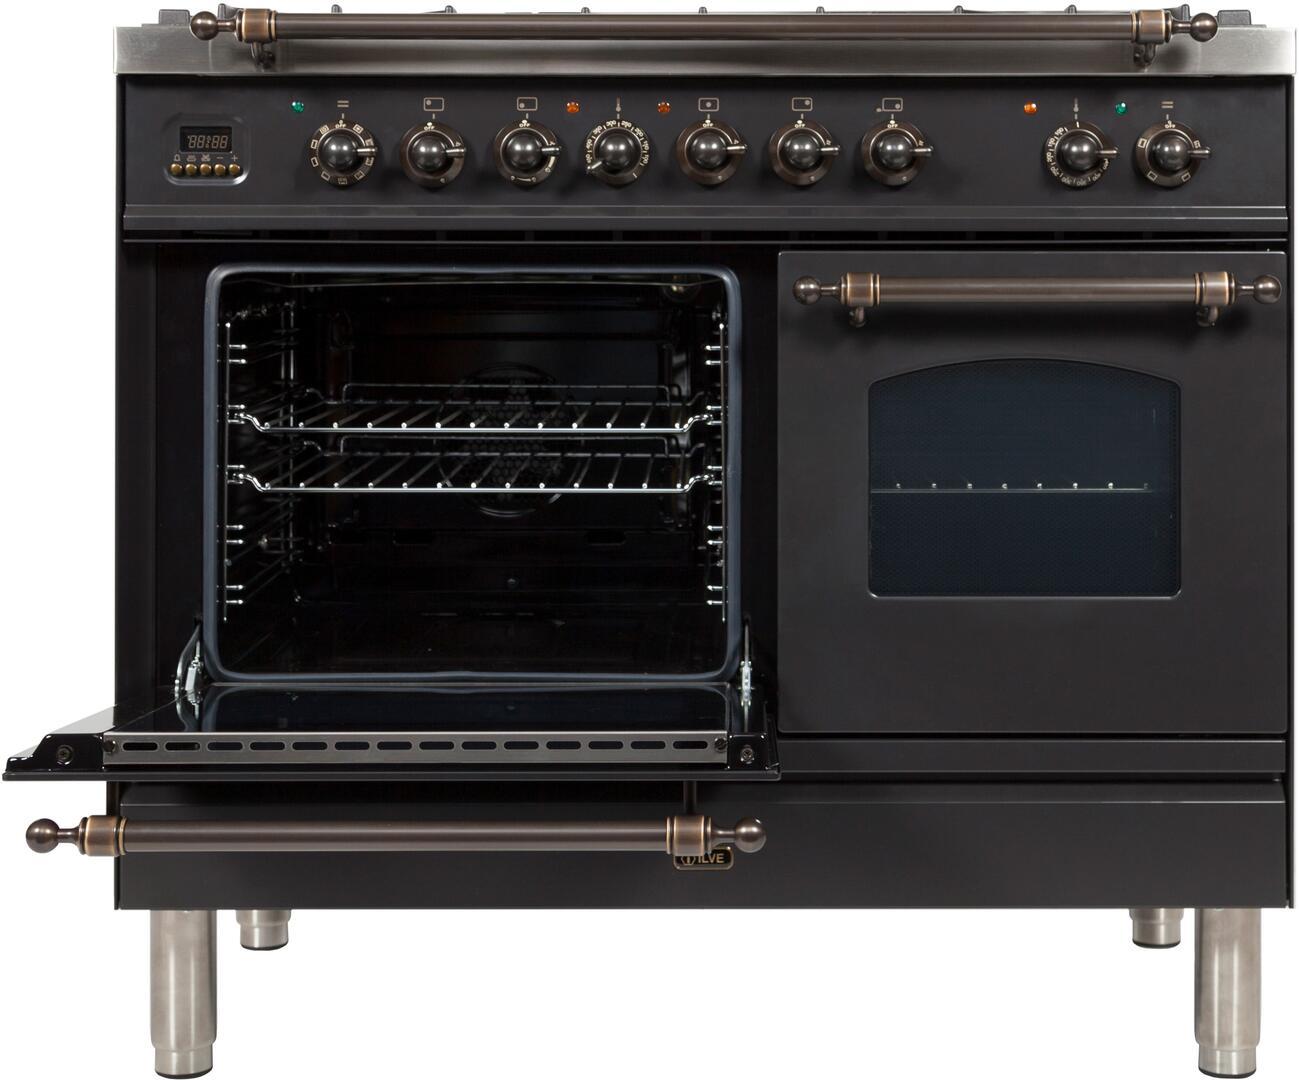 Ilve Nostalgie UPDN100FDMPMY Freestanding Dual Fuel Range Slate, UPDN100FDMPMY Main Oven Door Opened